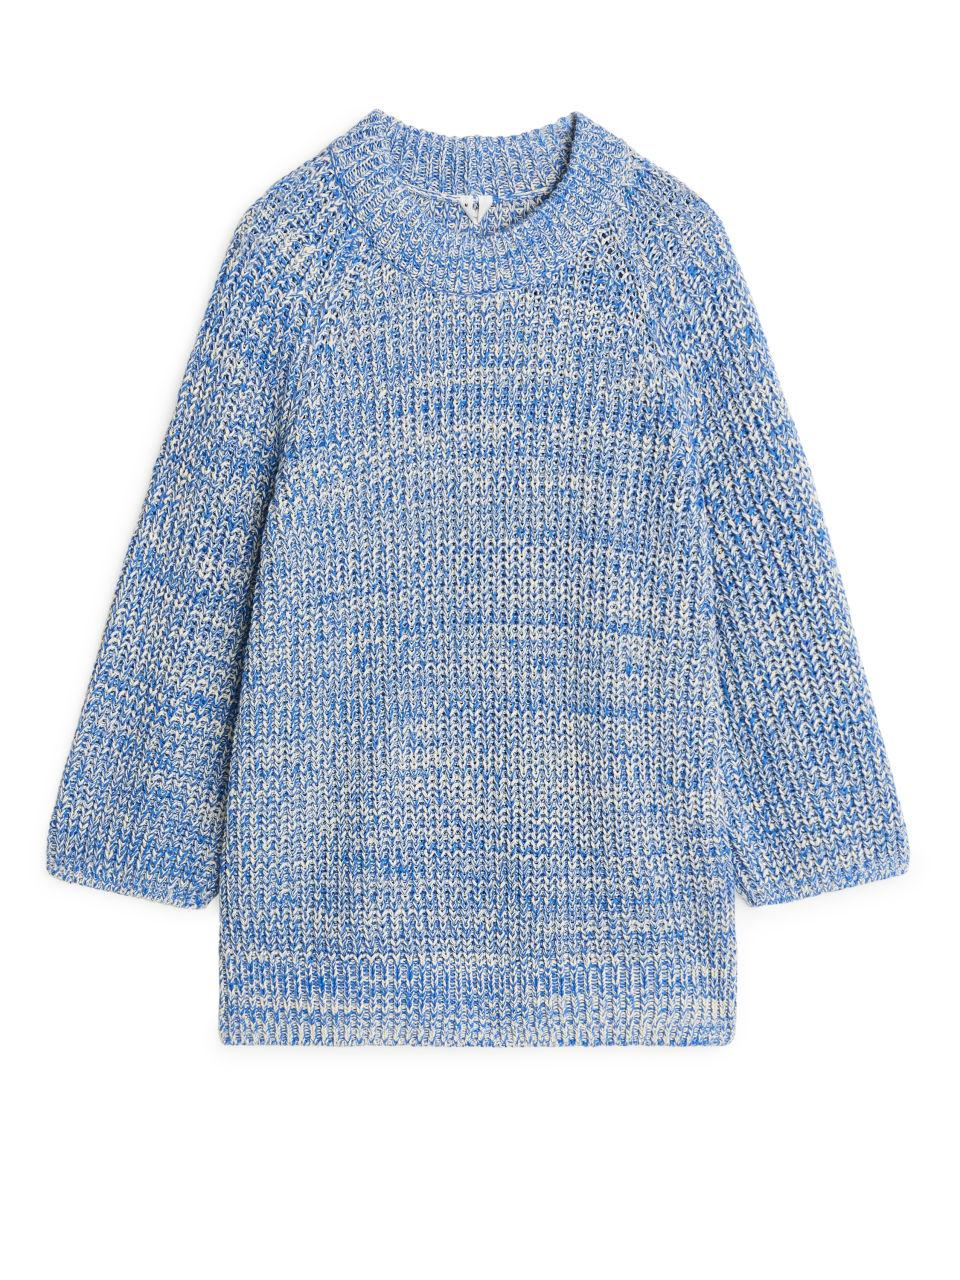 Melange Cotton Knitted Jumper - Blue